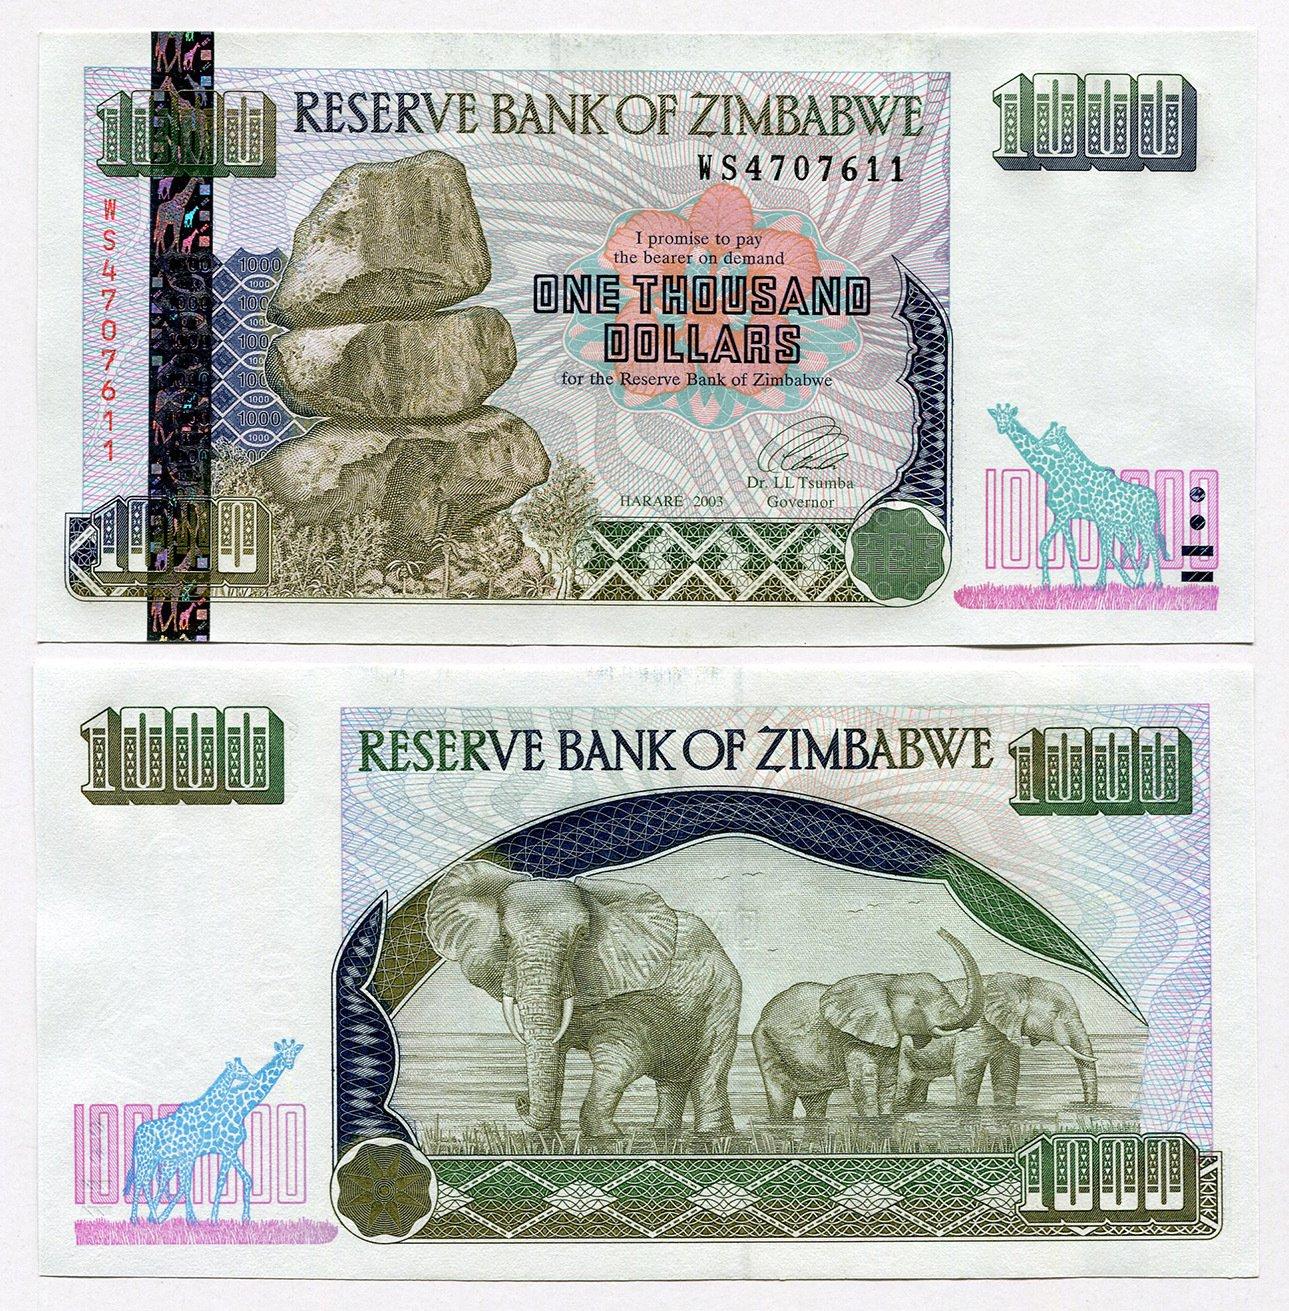 Zimbabwe 1000Dólares 2003UNC, mundo inflación moneda billetes de banco, P12 RBZ